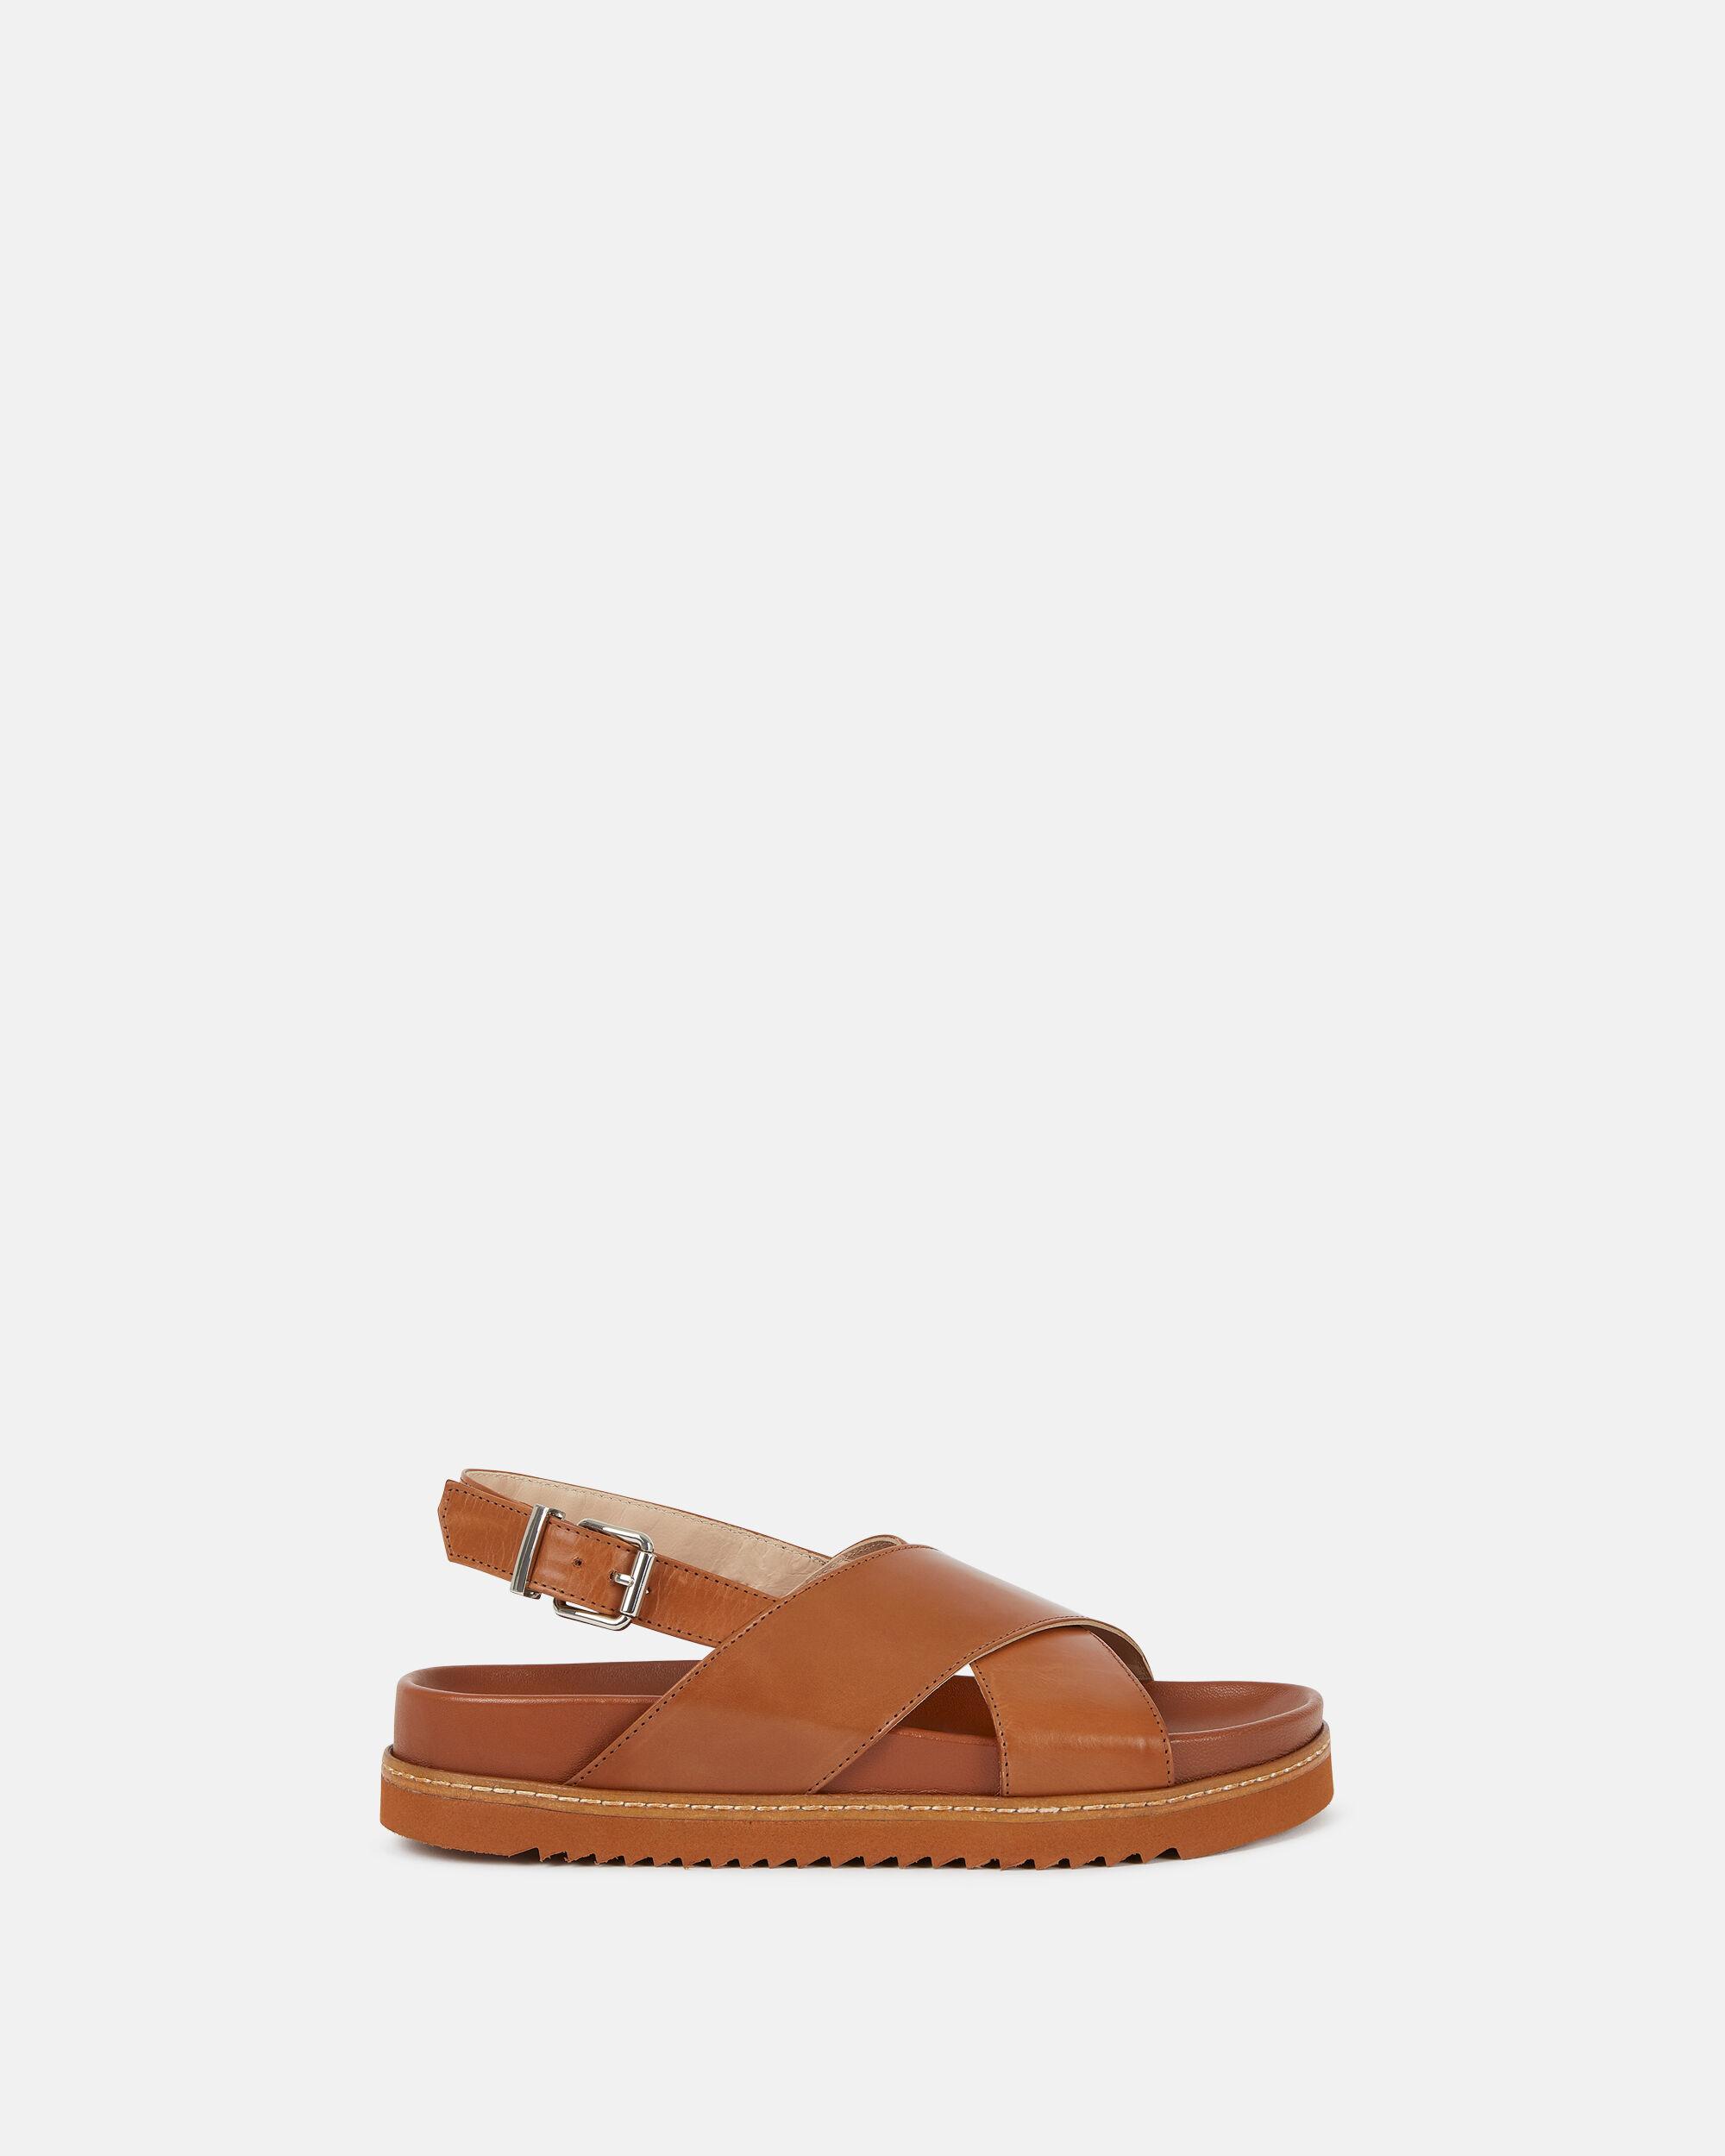 sandales cuir marron trous